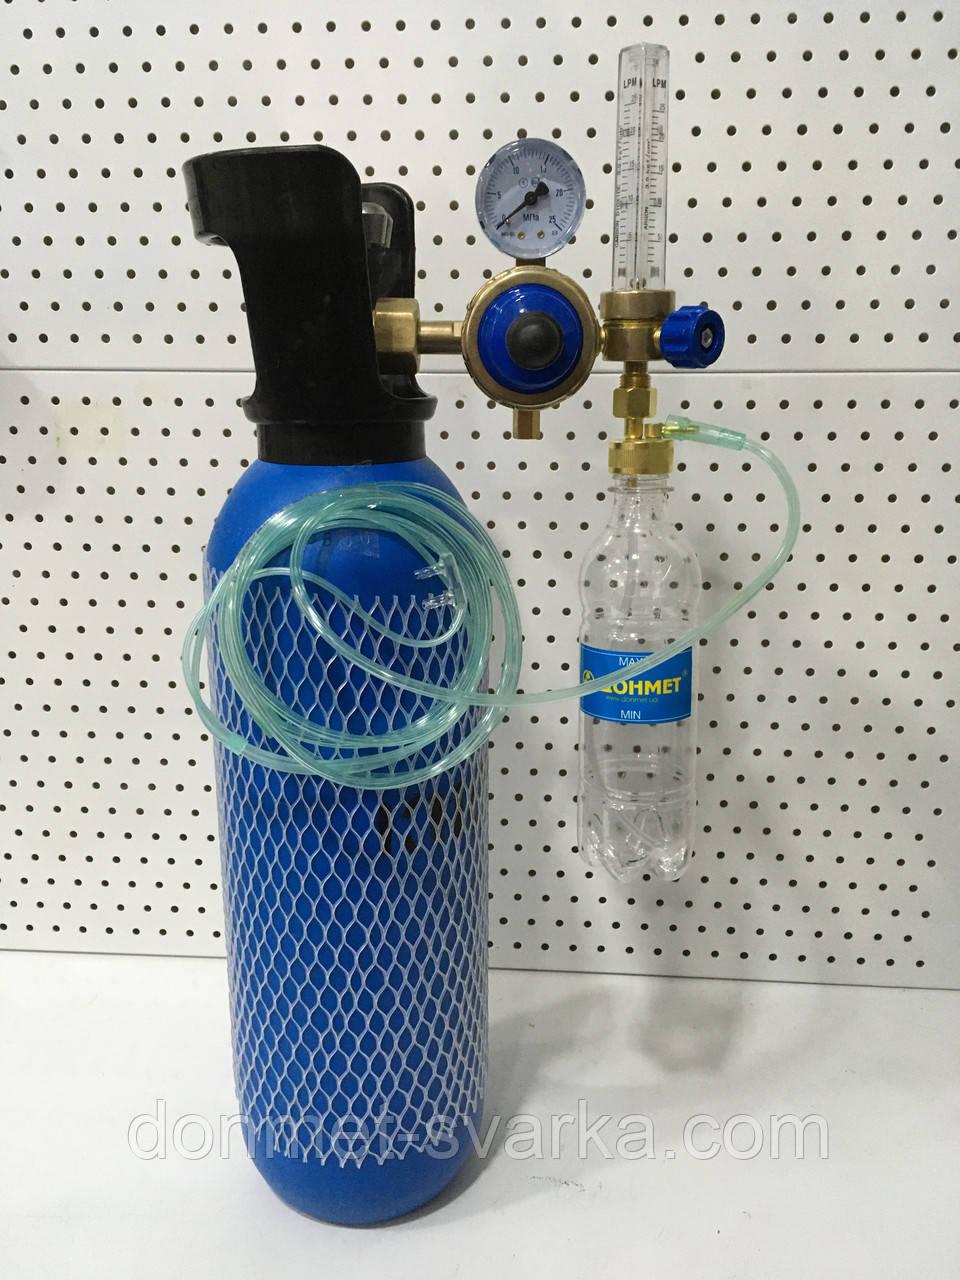 Кислородный баллон  5л с редуктором и увлажнителем для дыхания.